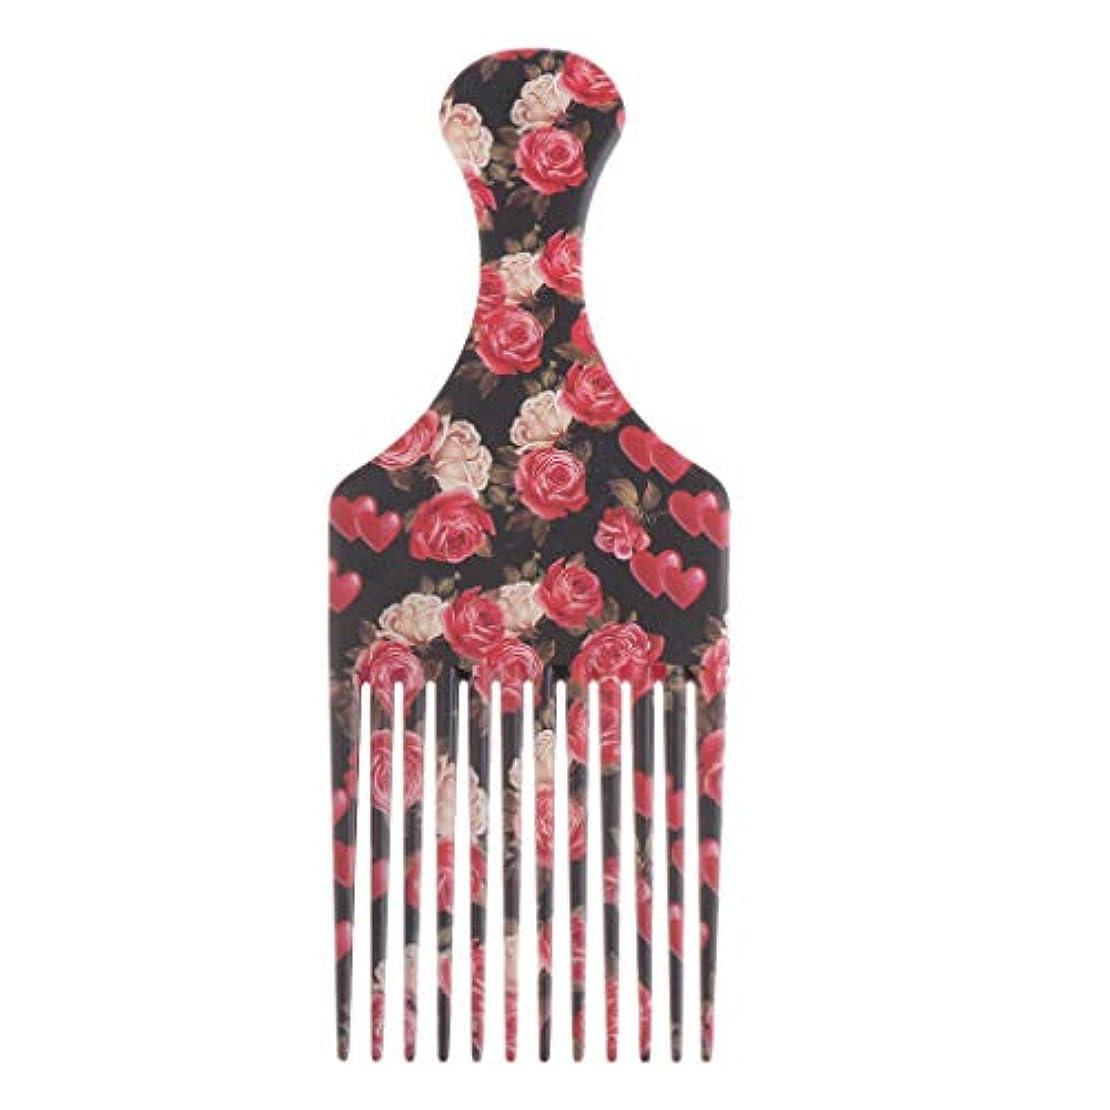 目の前の運ぶ病なヘアダイブラシ 毛染めコーム 髪染め用ヘアコーム サロン 美髪師用 DIY髪染め用 全3サイズ - 大